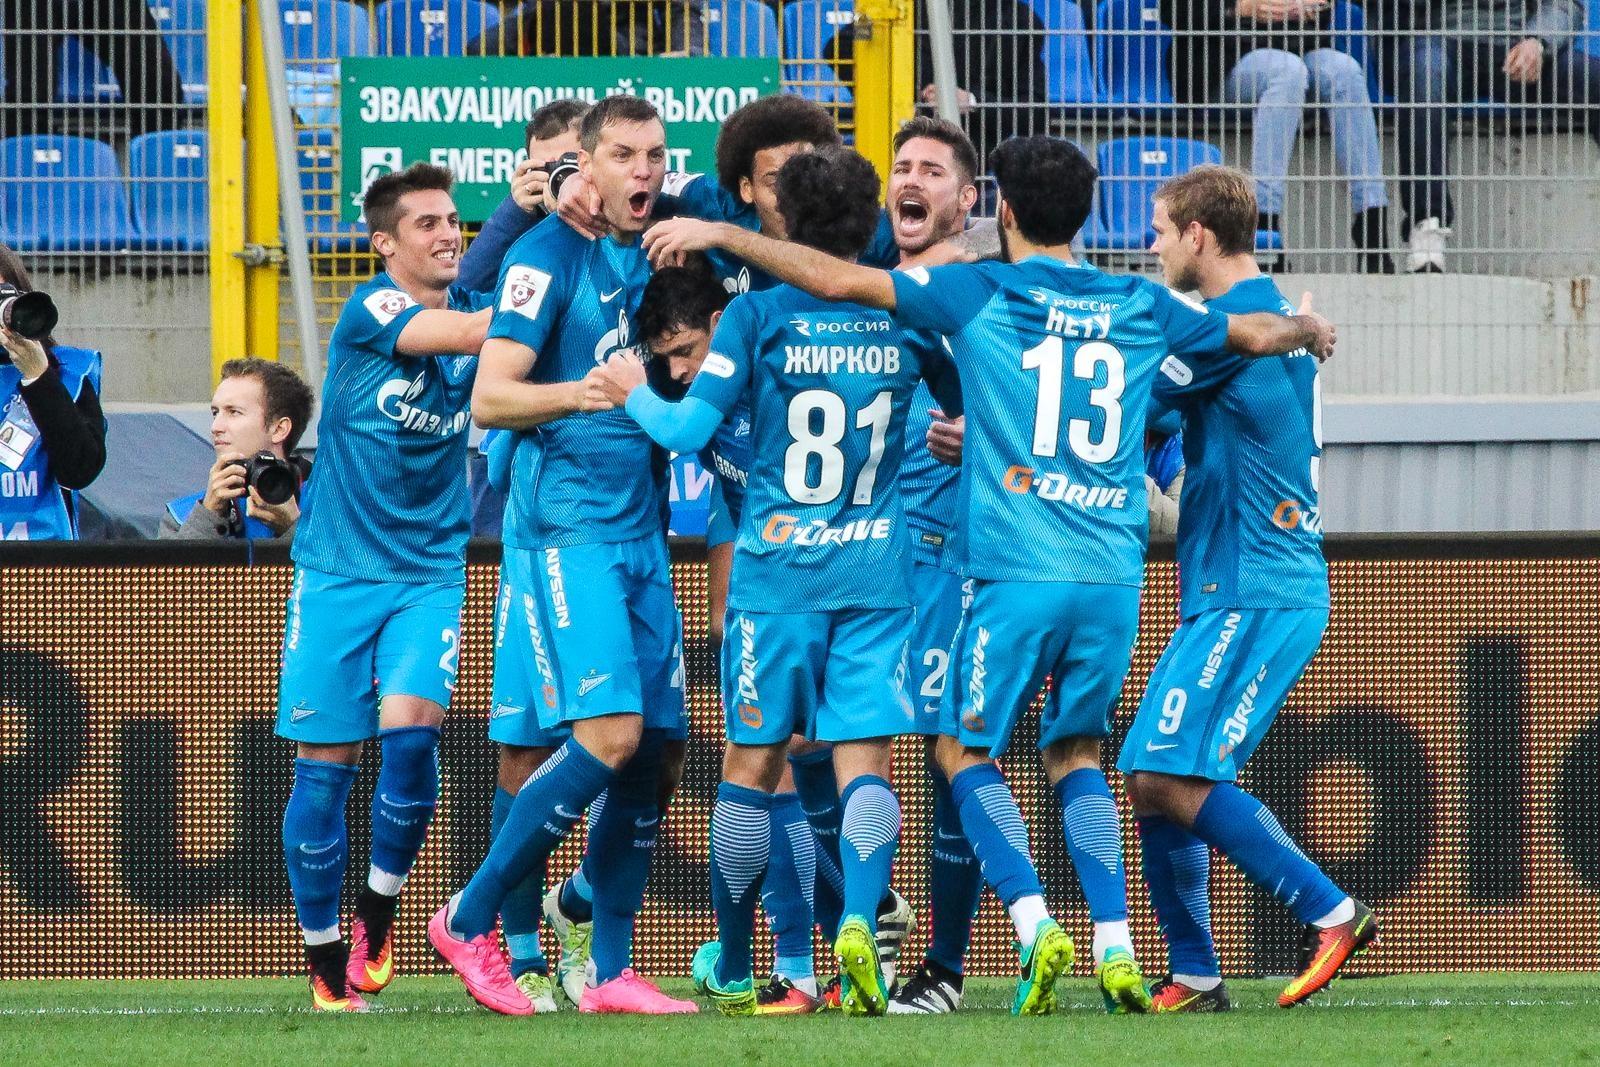 «Зенит» уступилАЗ в заключительном матче группового этапа Лиги Европы